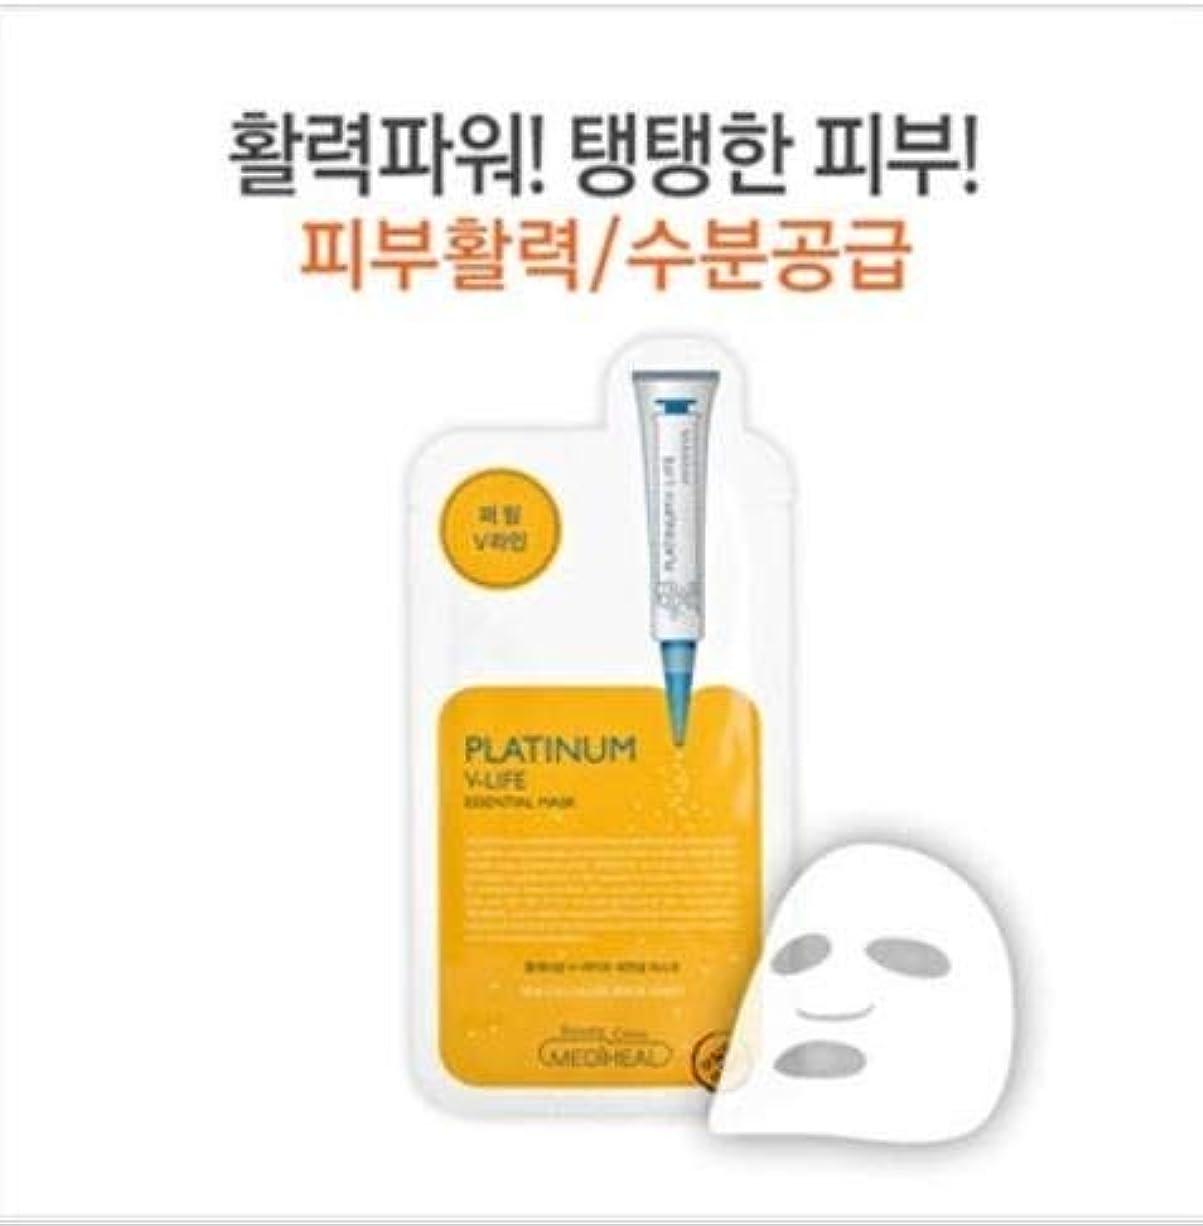 沈黙台風踏みつけ★大人気★[メディヒール] Mediheal [プラチナ V-ライフ エッセンシャル マスク (10枚)] (Platinum V-LIFE Essential Mask (10EA) [並行輸入品]